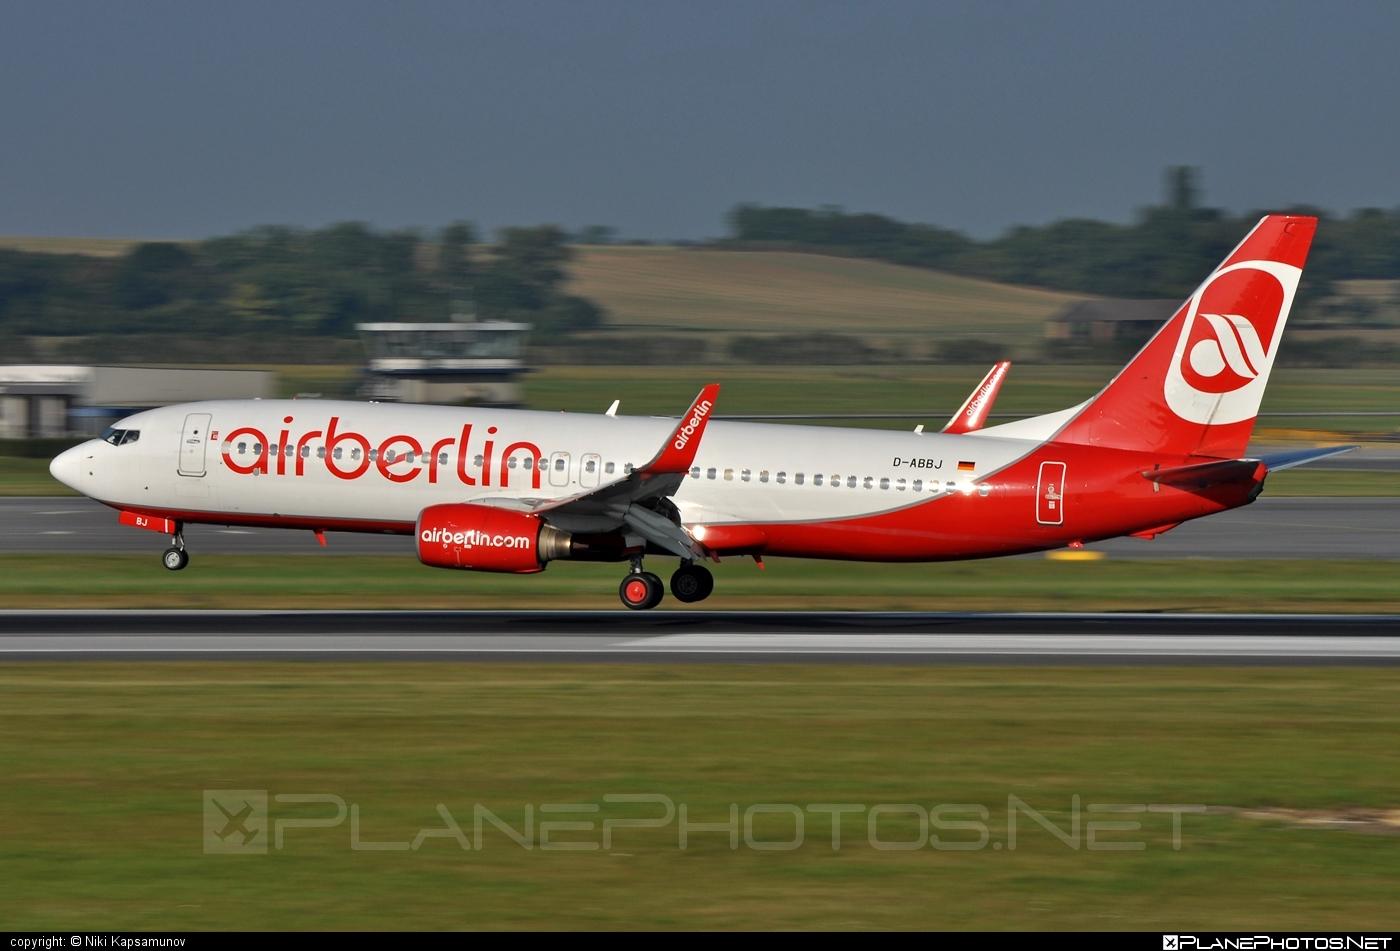 Boeing 737-800 - D-ABBJ operated by Air Berlin #airberlin #b737 #b737nextgen #b737ng #boeing #boeing737